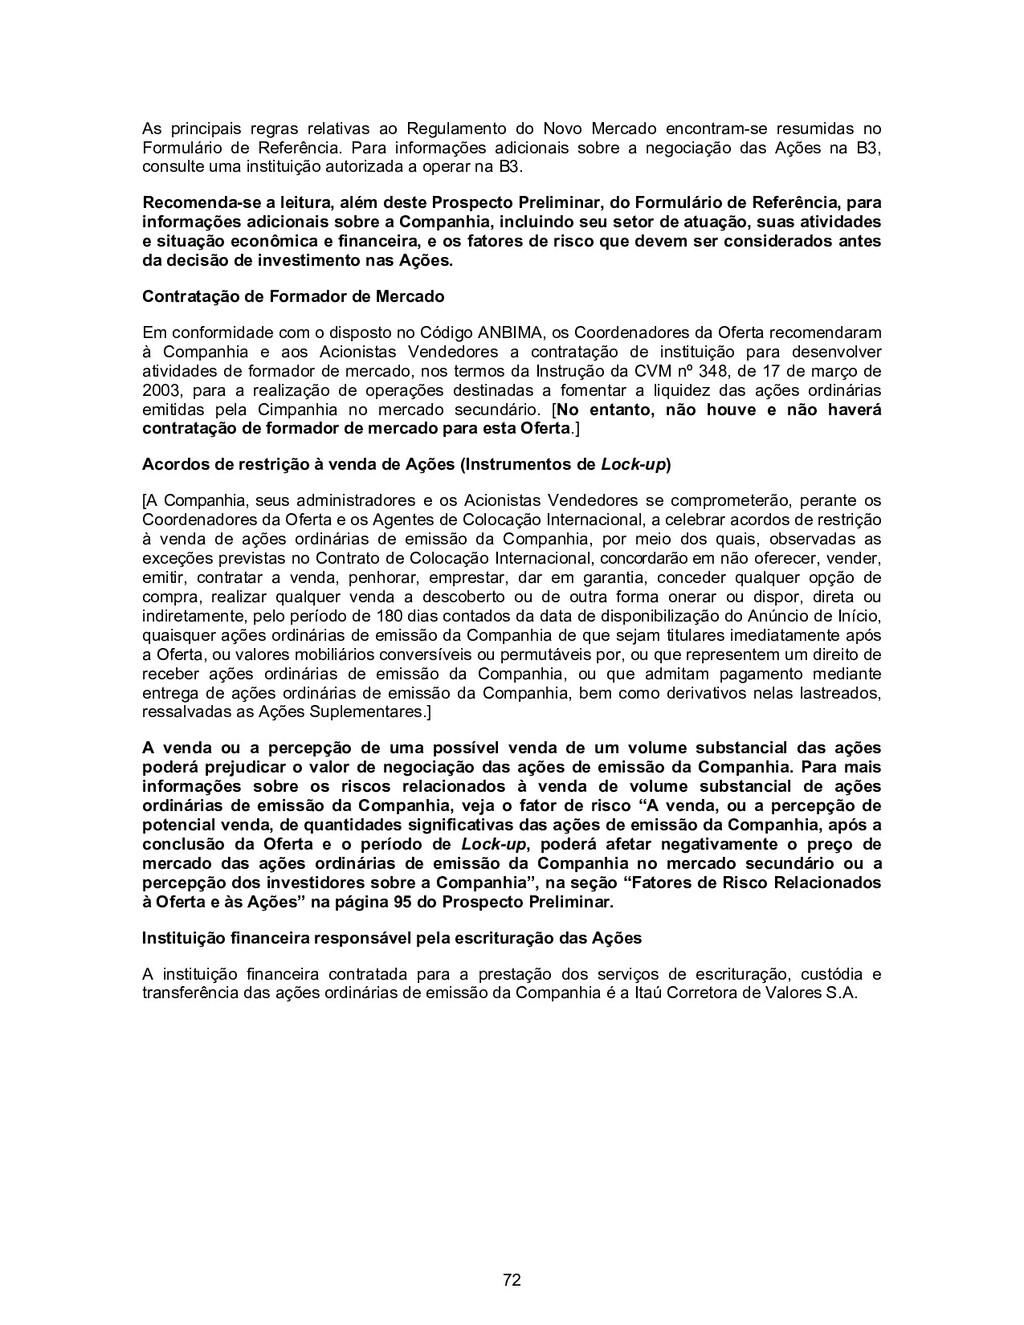 72 As principais regras relativas ao Regulament...